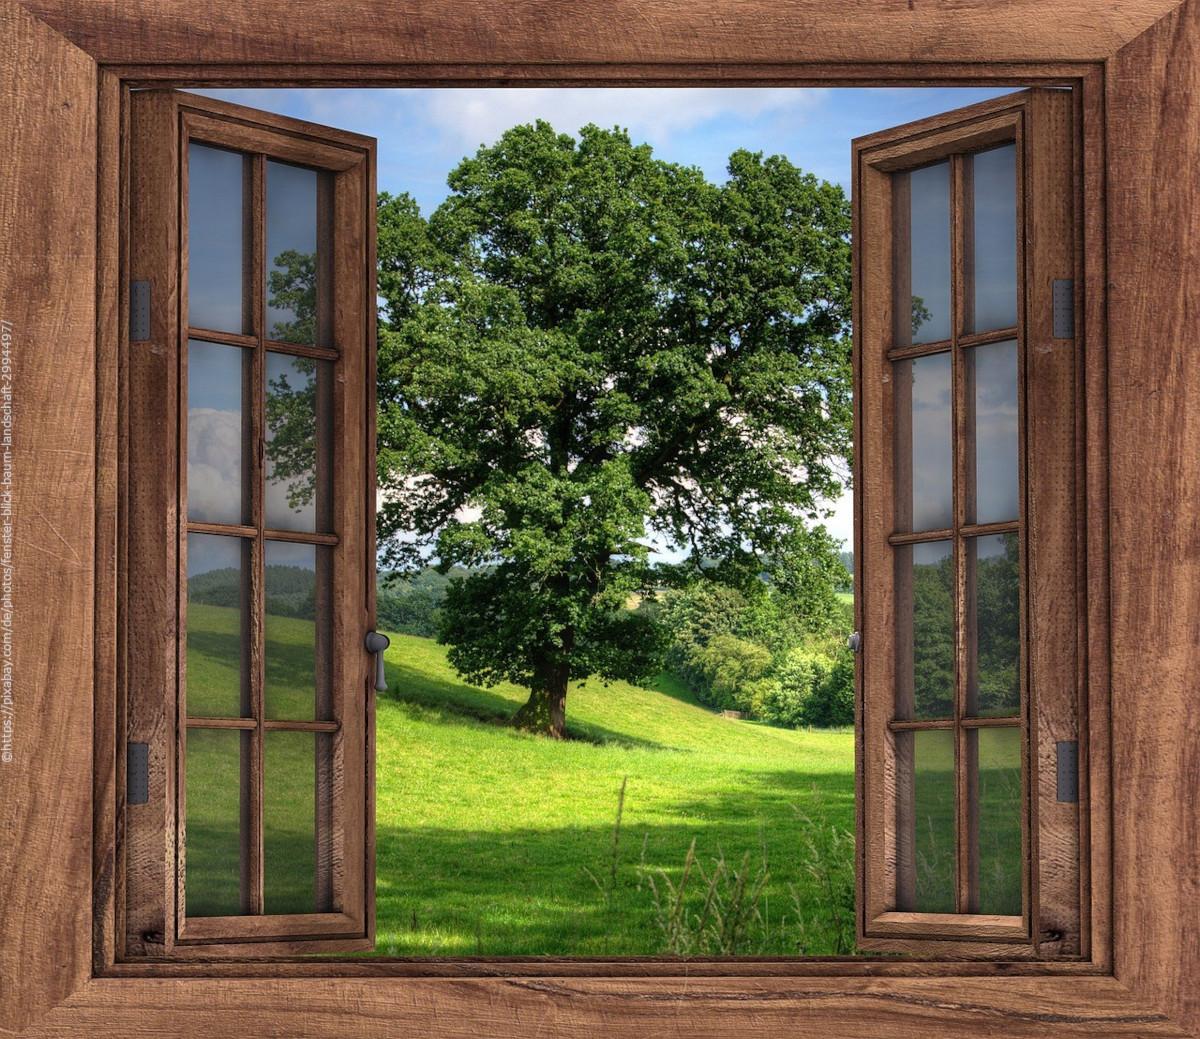 Geöffnetes Fenster mit grünem Baum im Hintergrund